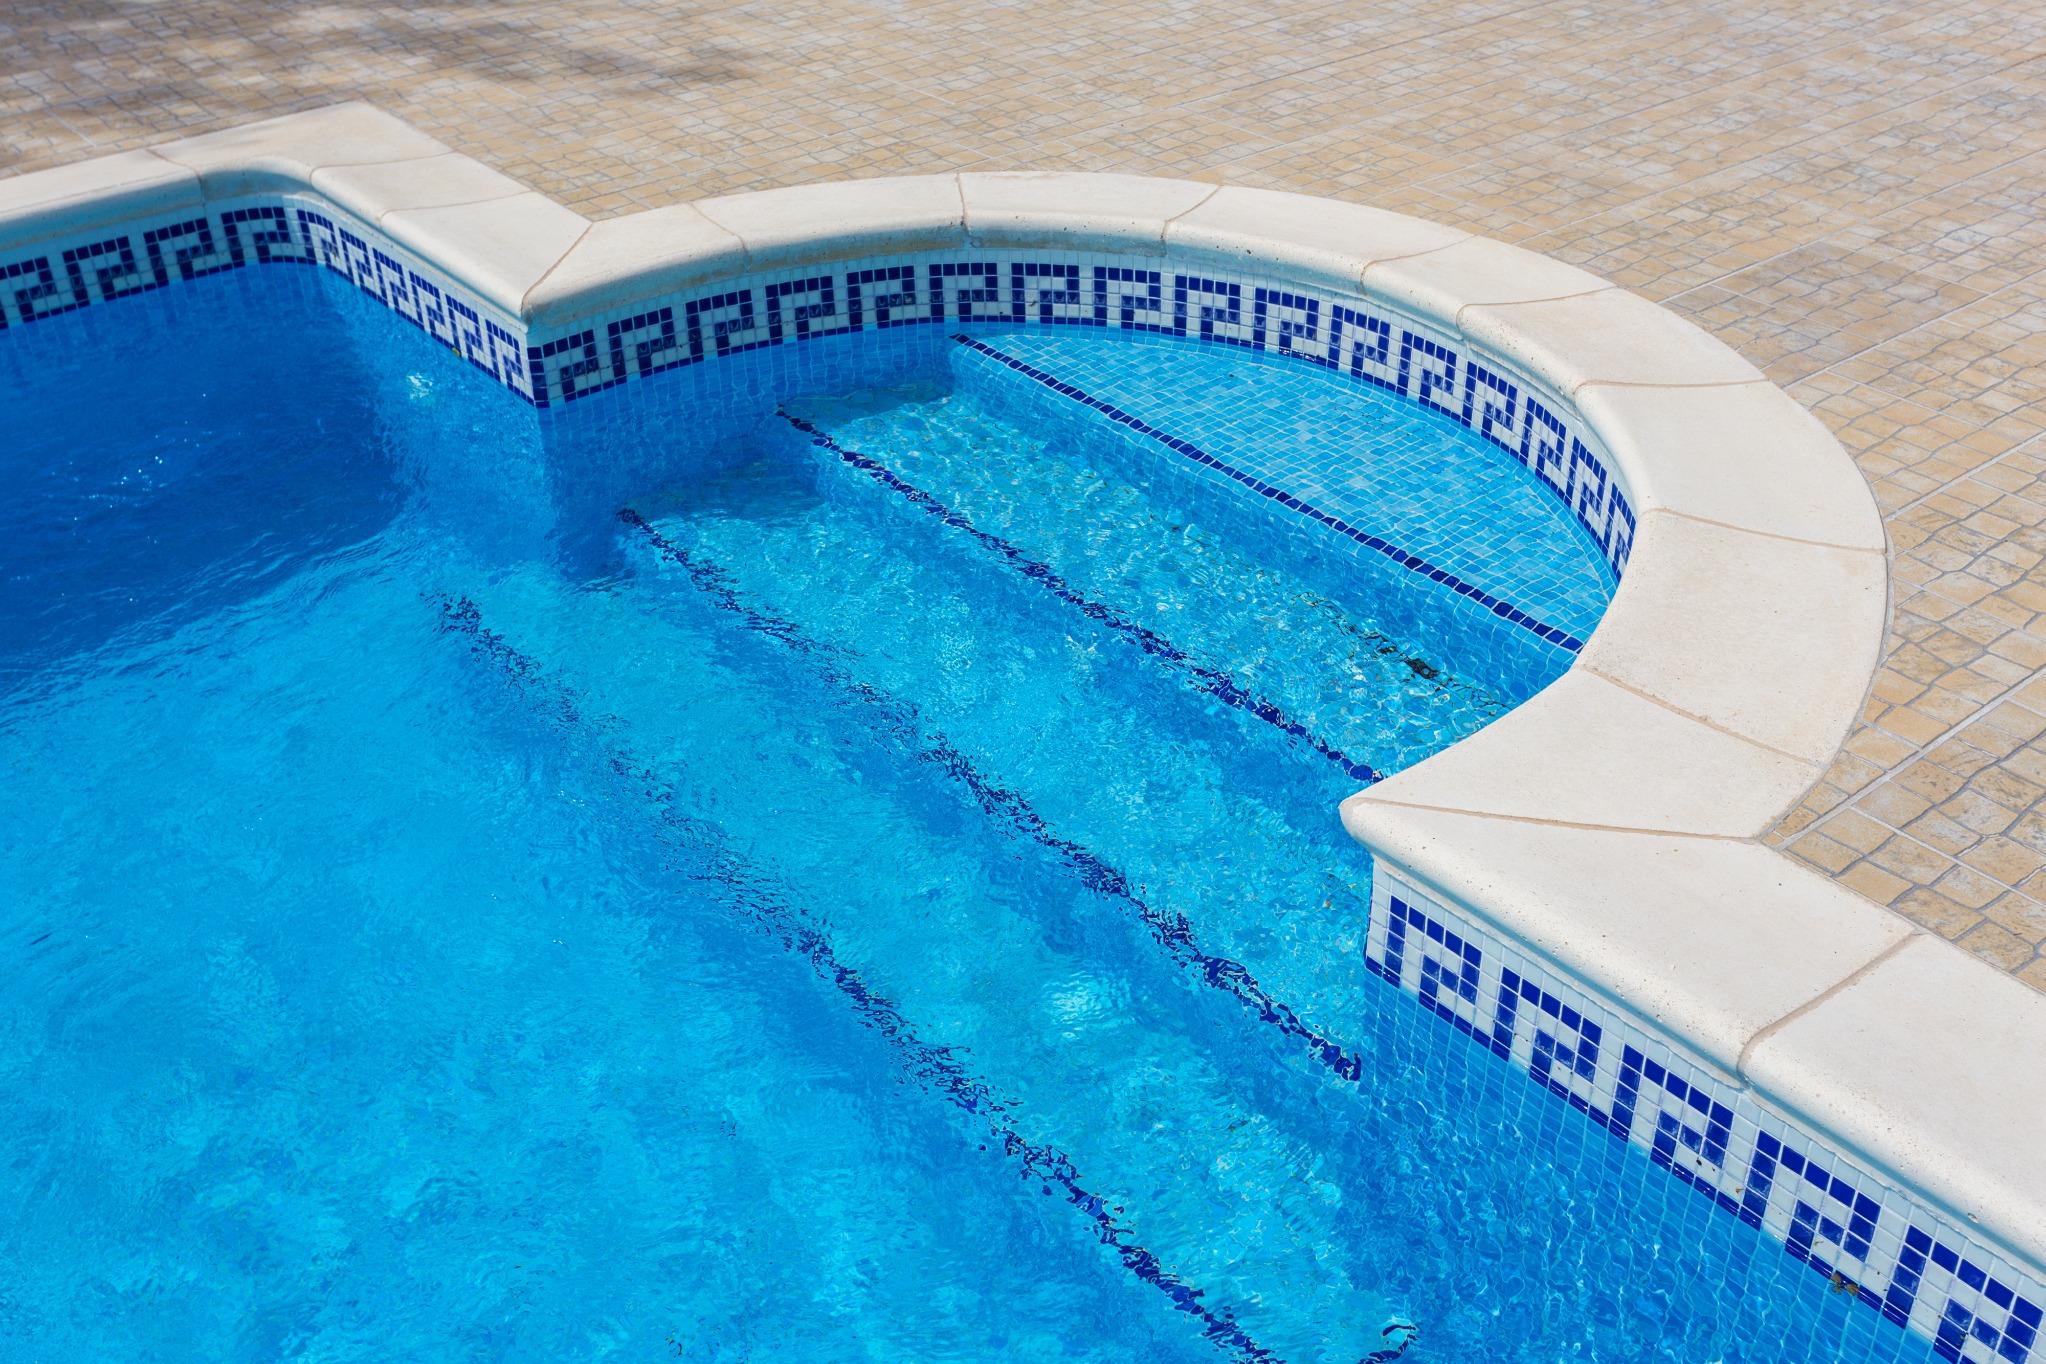 Pool Resurfacing & Repairing